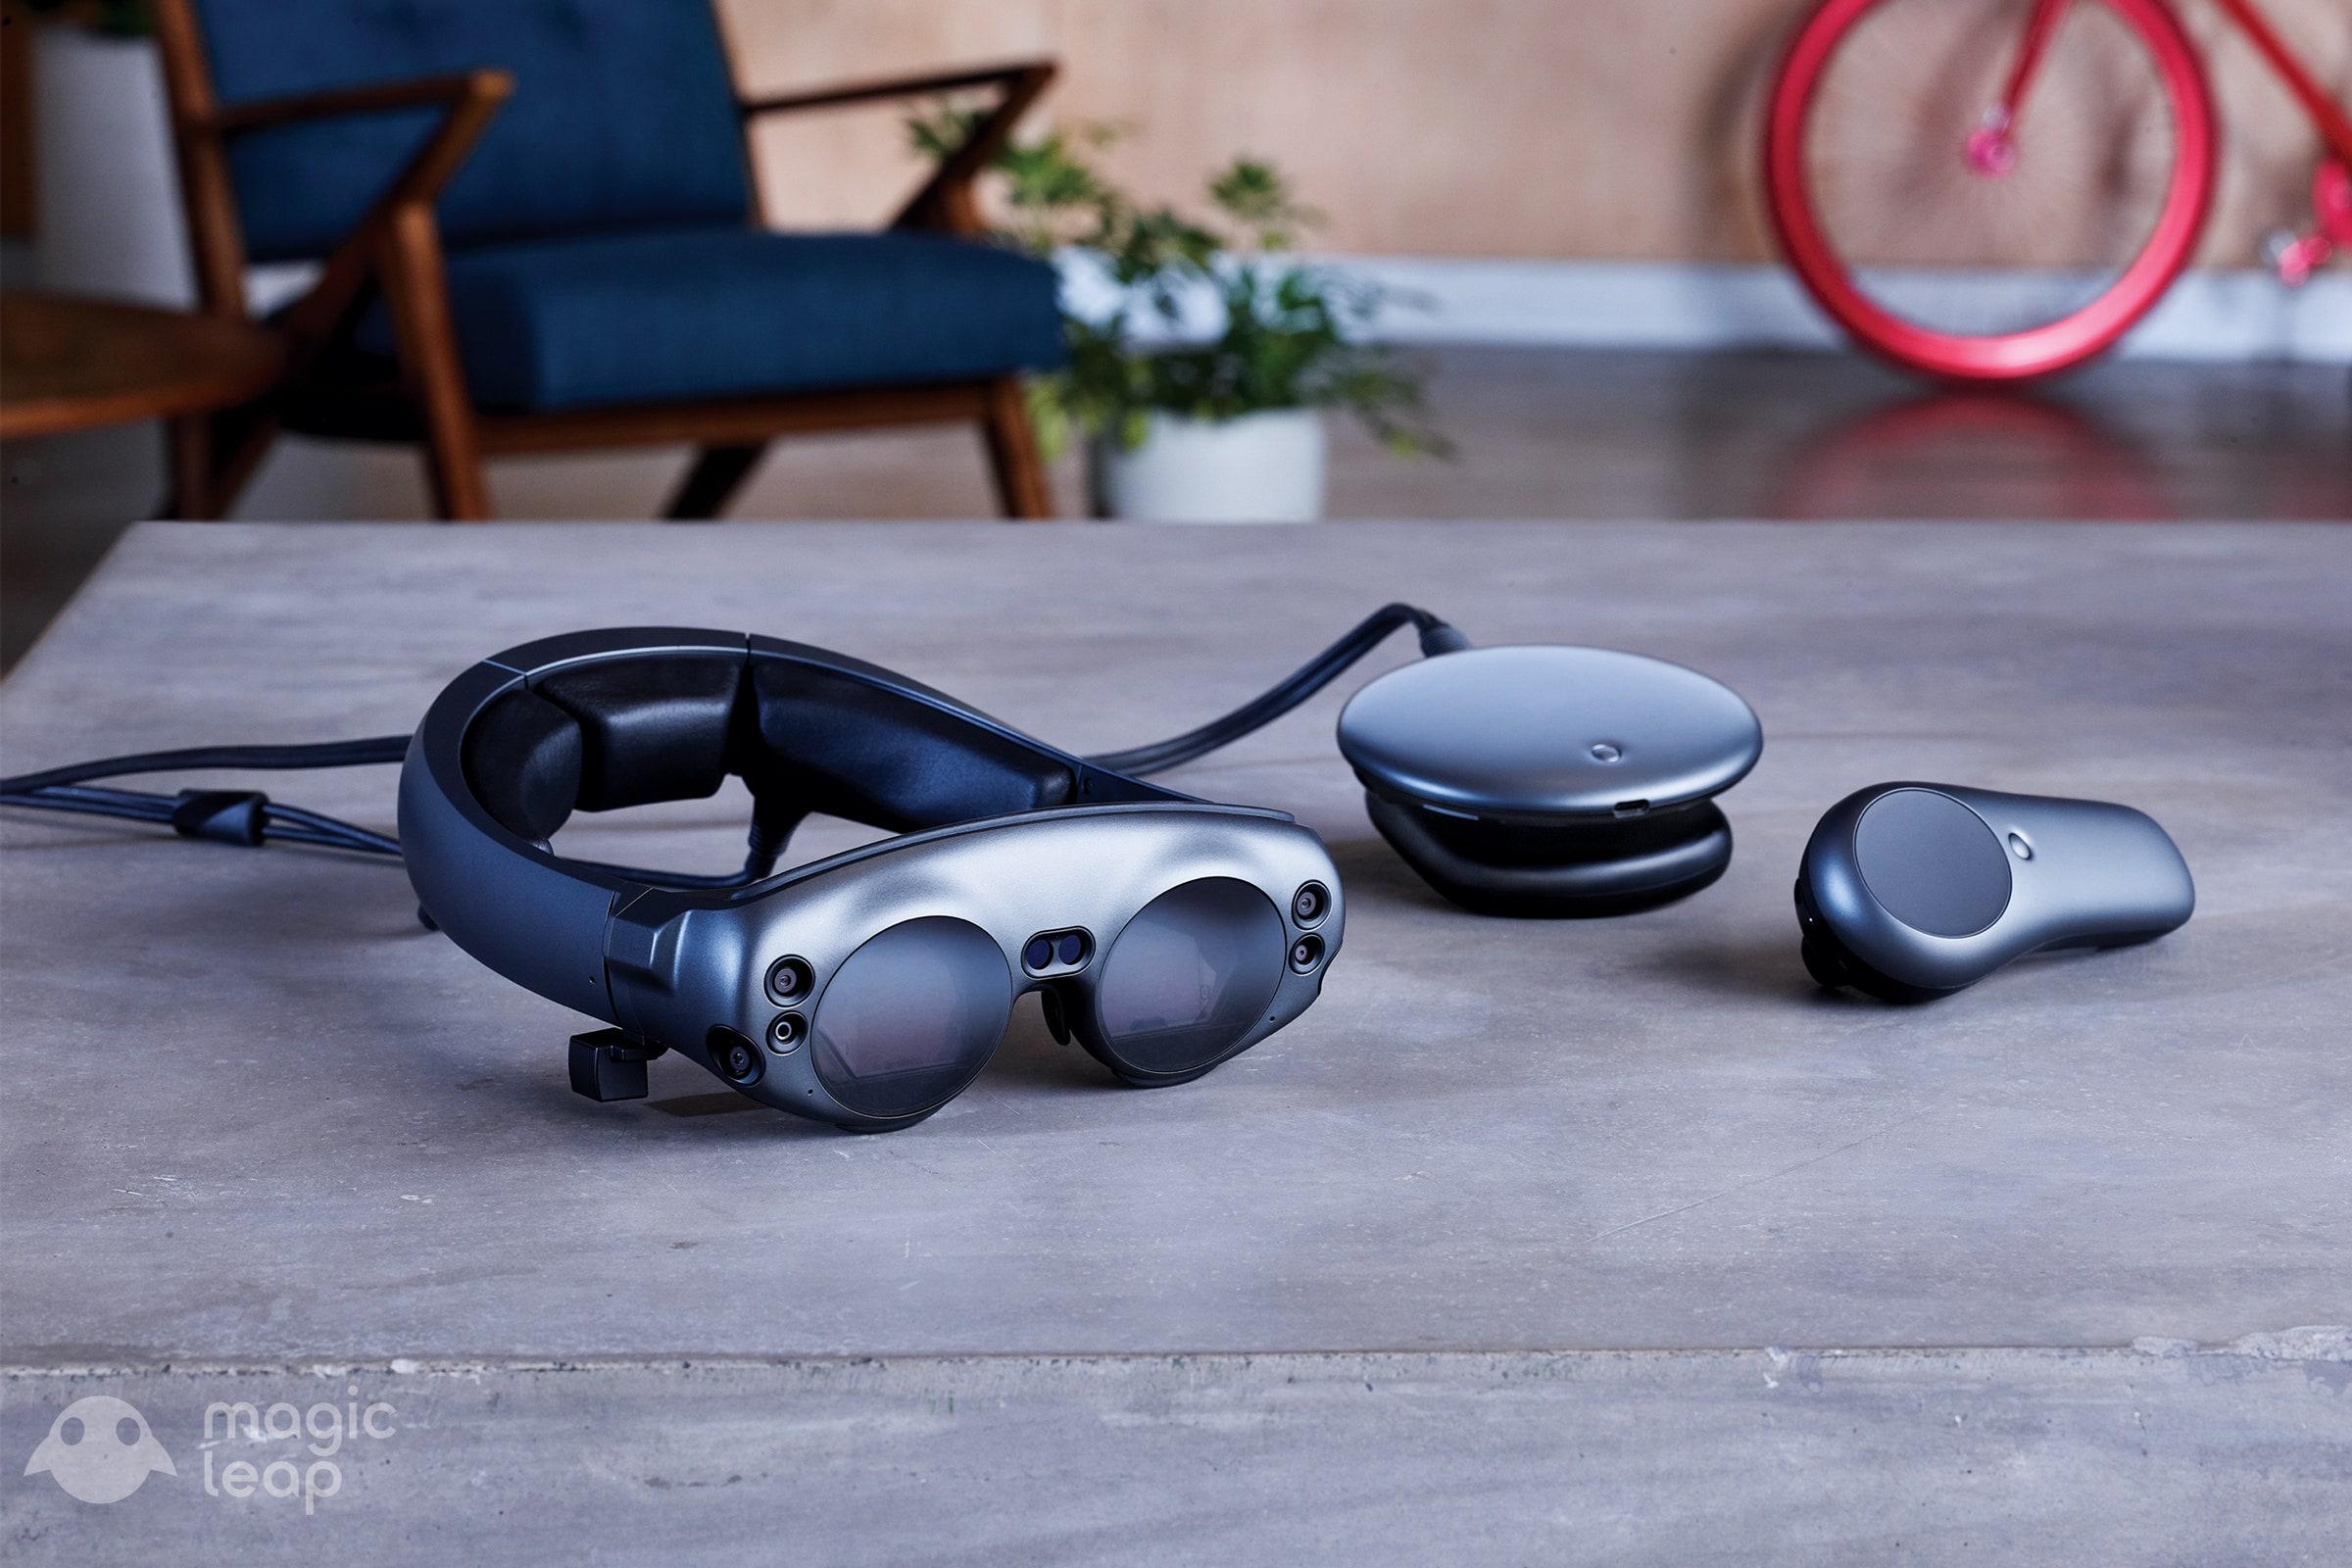 ערכת פיתוח של משקפי המציאות המדומה של חברת מג'יק ליפ. צילום יחצ